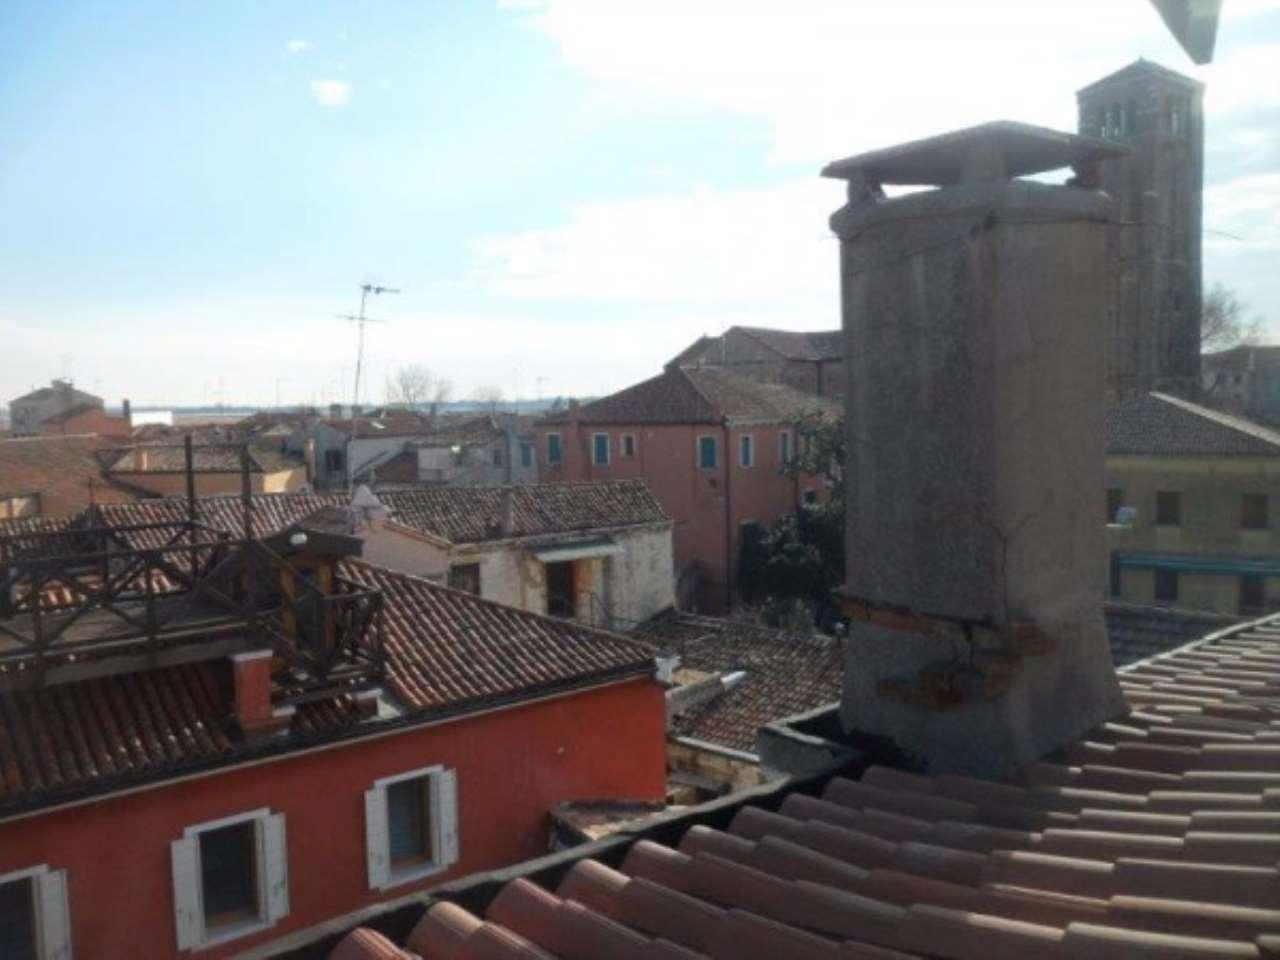 Appartamento in vendita a Venezia, 5 locali, zona Zona: 9 . Murano, prezzo € 450.000   CambioCasa.it